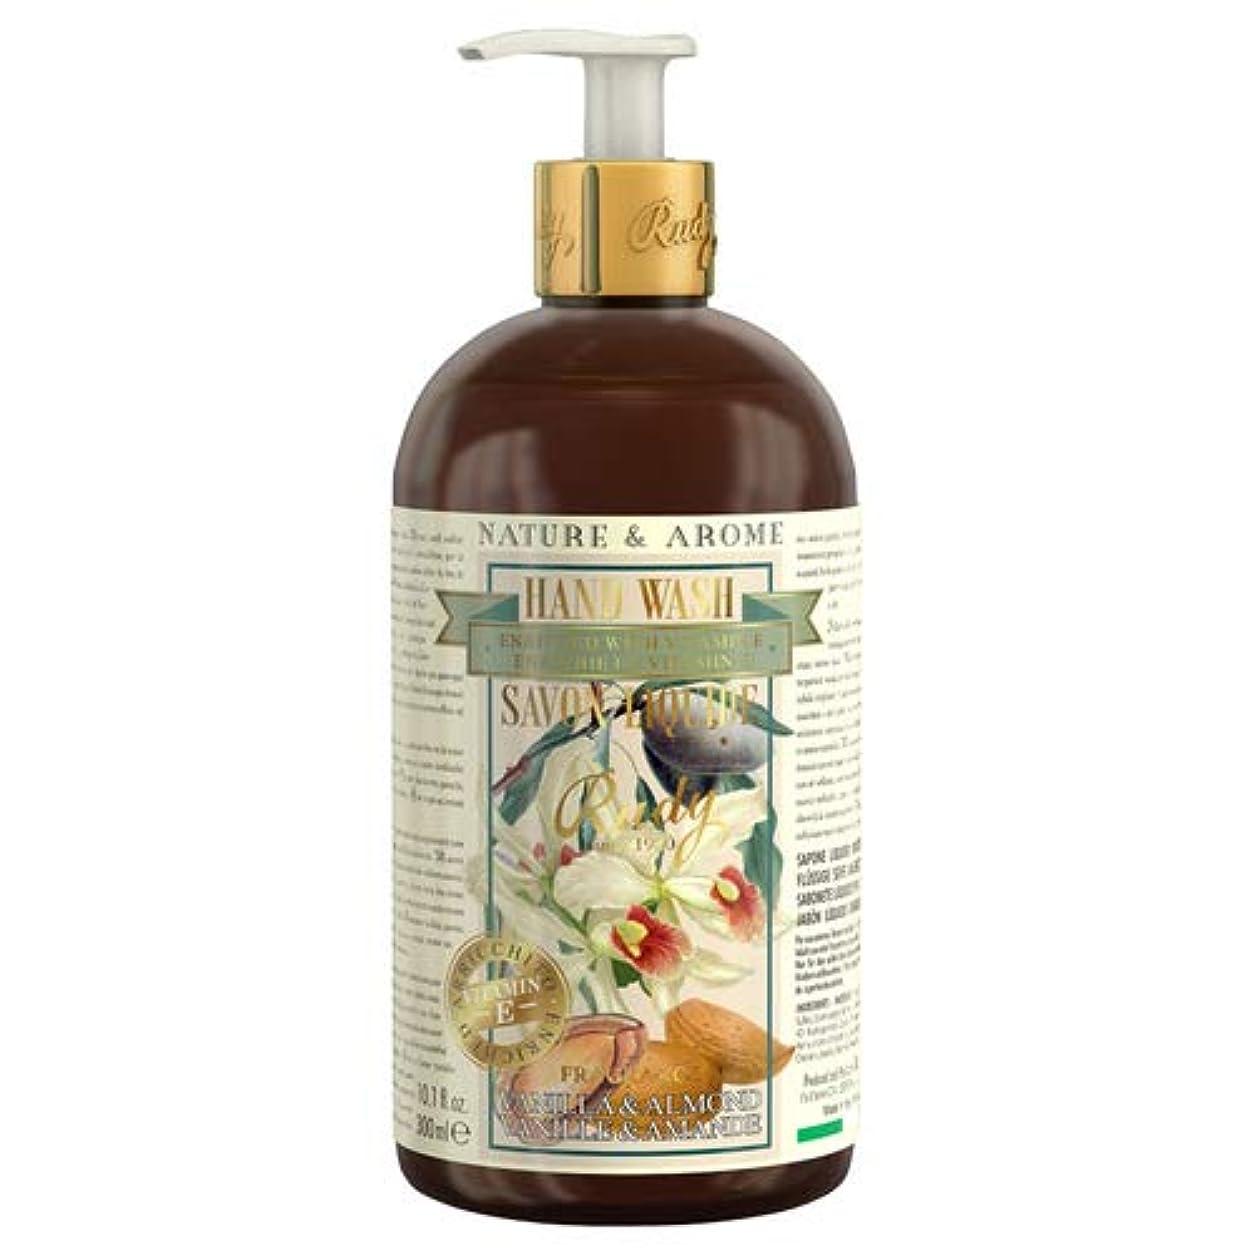 RUDY Nature&Arome Apothecary ネイチャーアロマ アポセカリー Hand Wash ハンドウォッシュ(ボディソープ) Vanilla & Almond バニラ&アーモンド